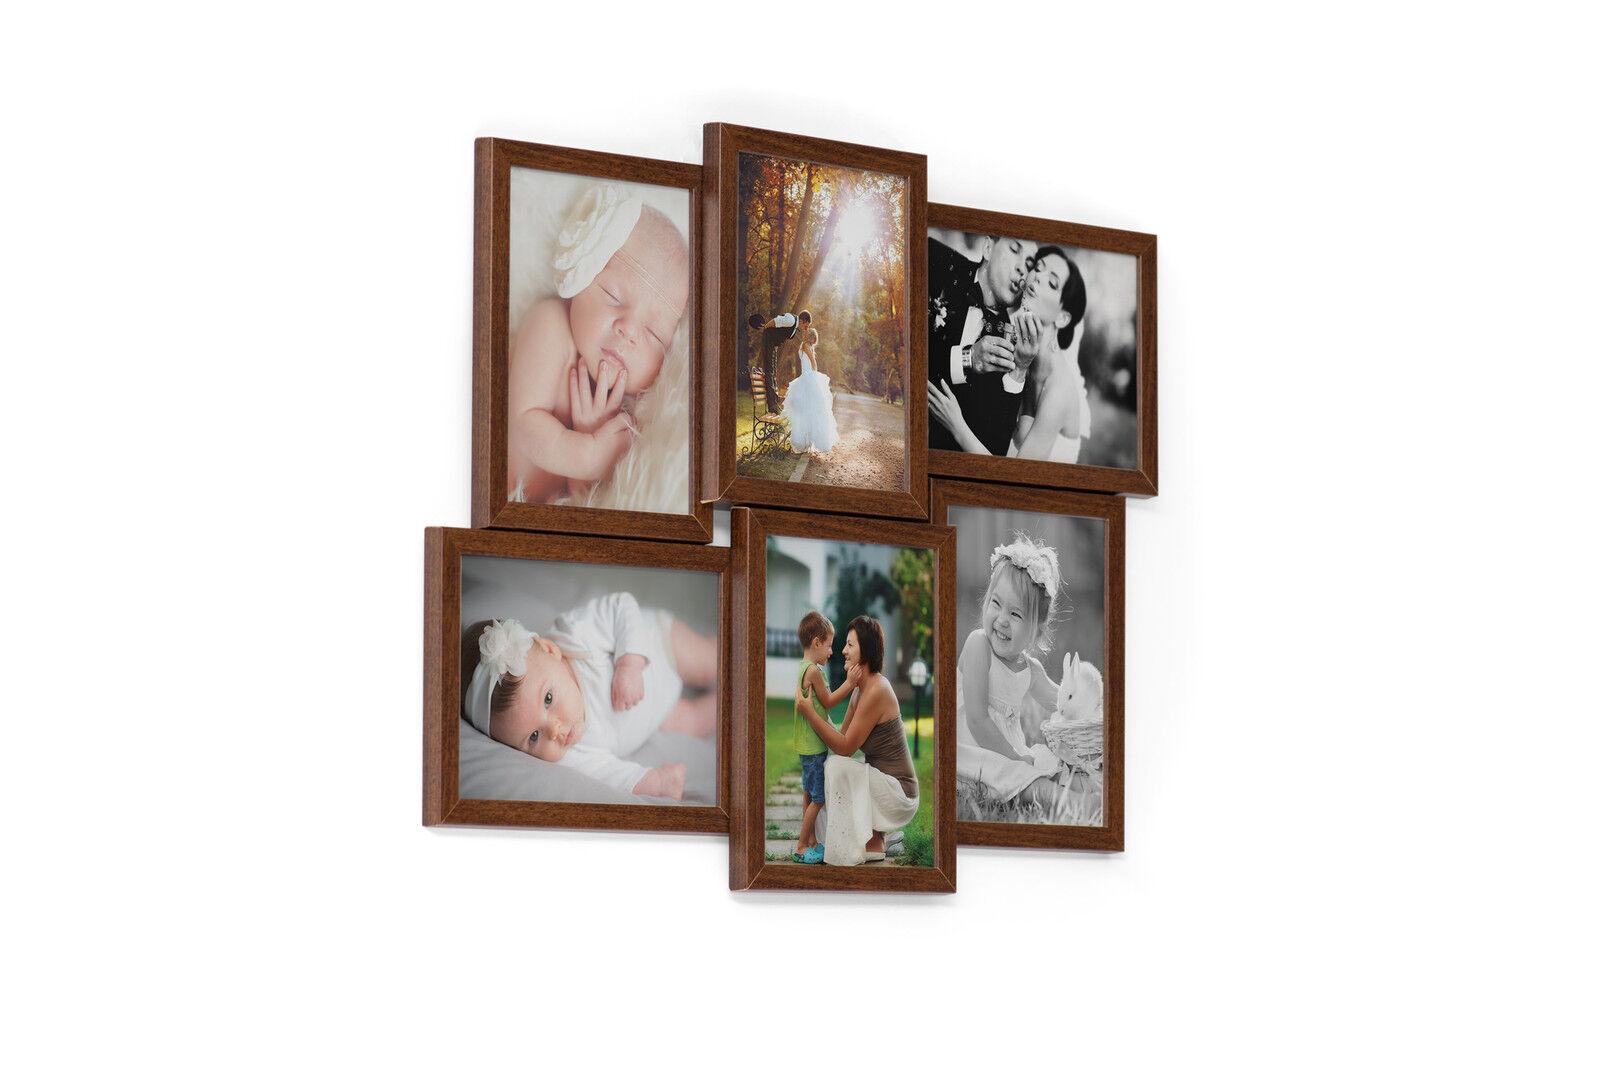 609 Holz Bildergalerie Collage Set 6 Fotos 13x18 cm 3D Wandgalerie ...